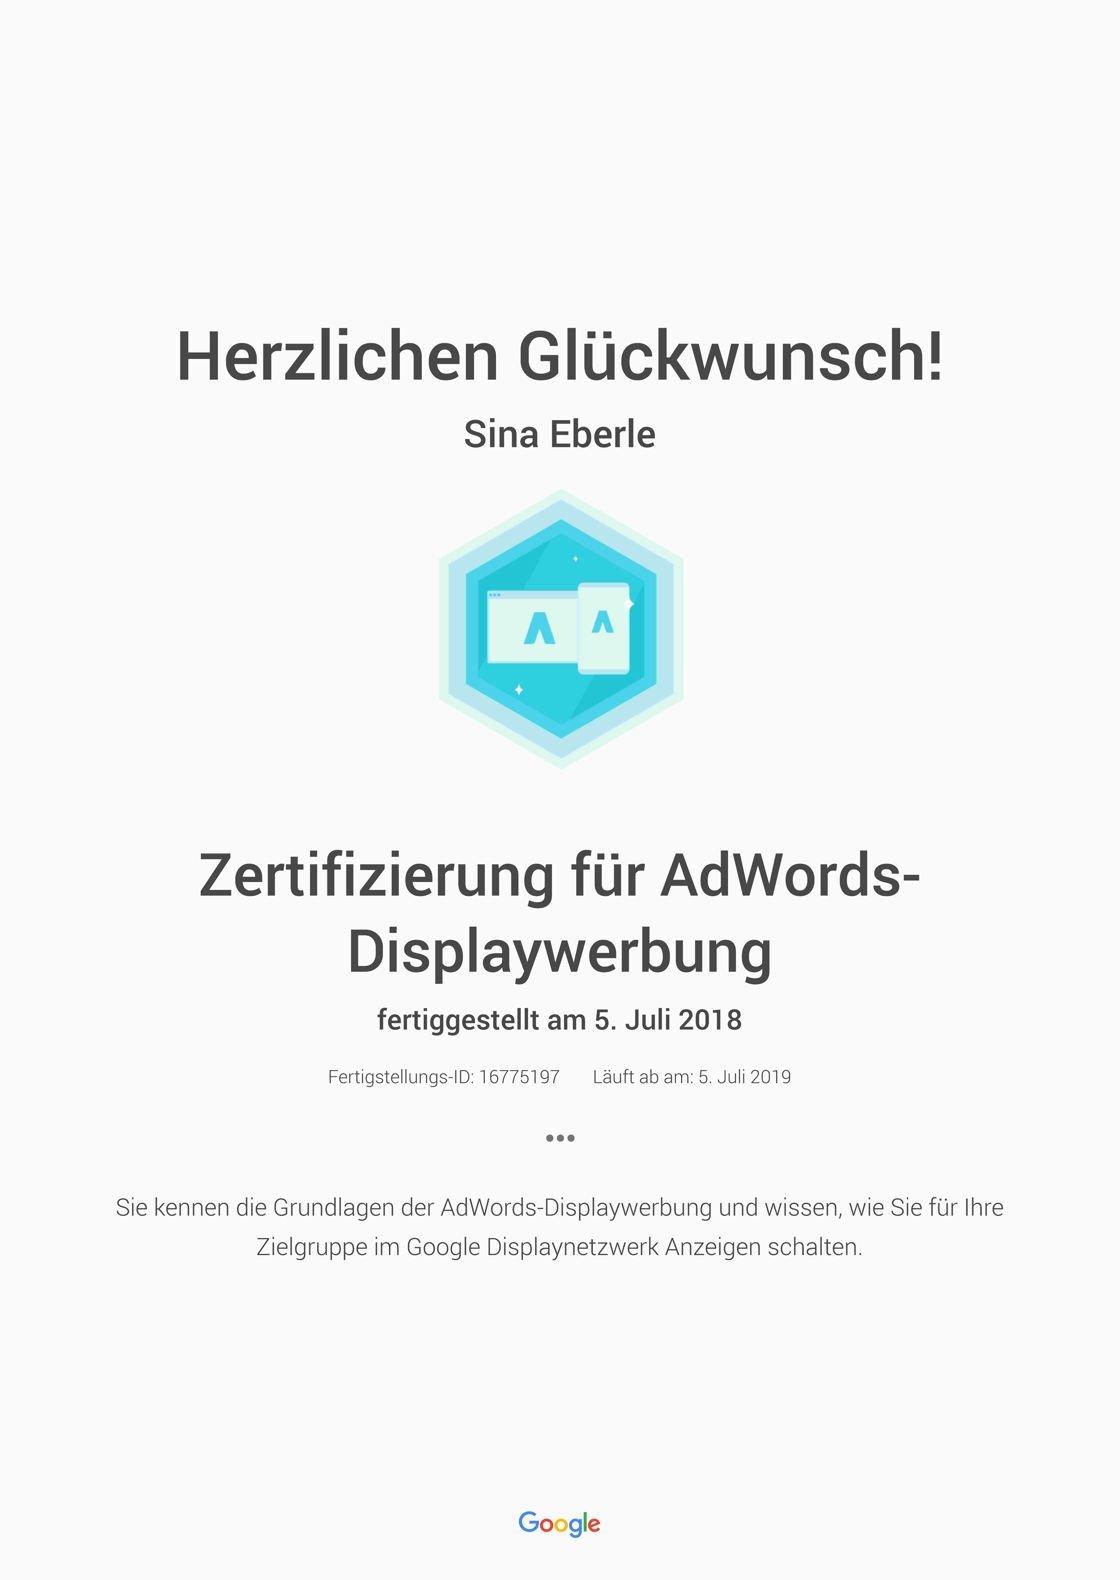 Google Zertifizierung für AdWords-Displaywerbung- Academy for Ads